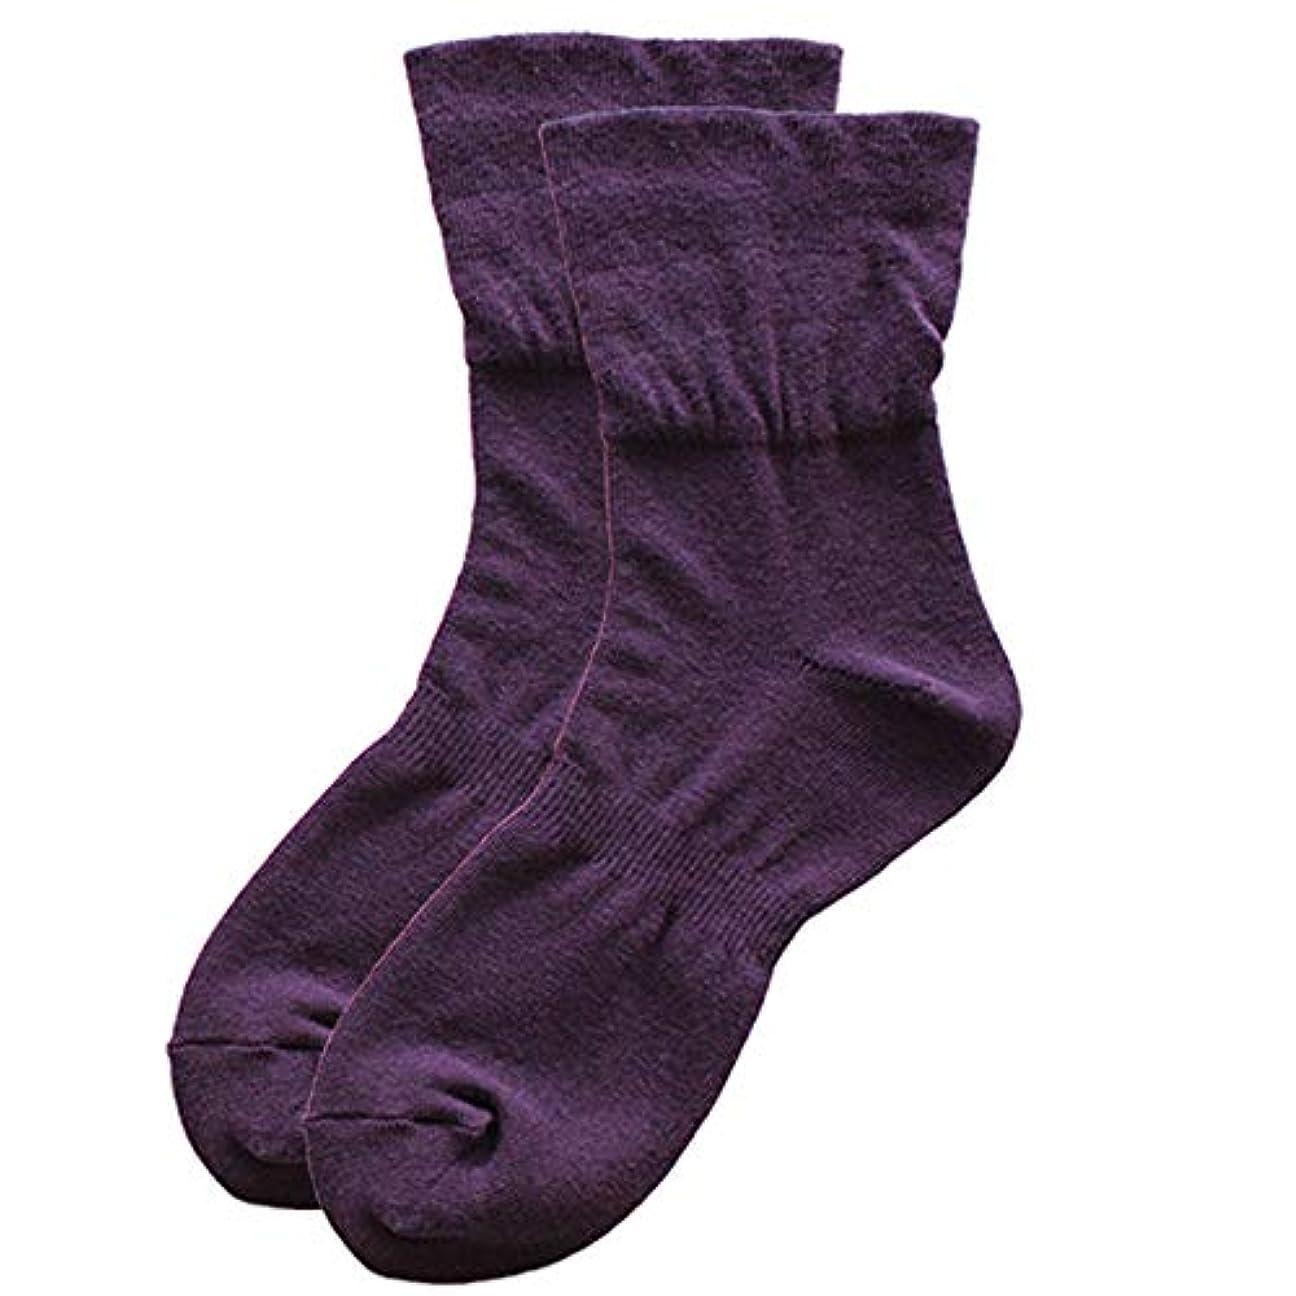 に対応するクリップ蝶定数歩くぬか袋 締めつけない靴下 23-25cm パープル